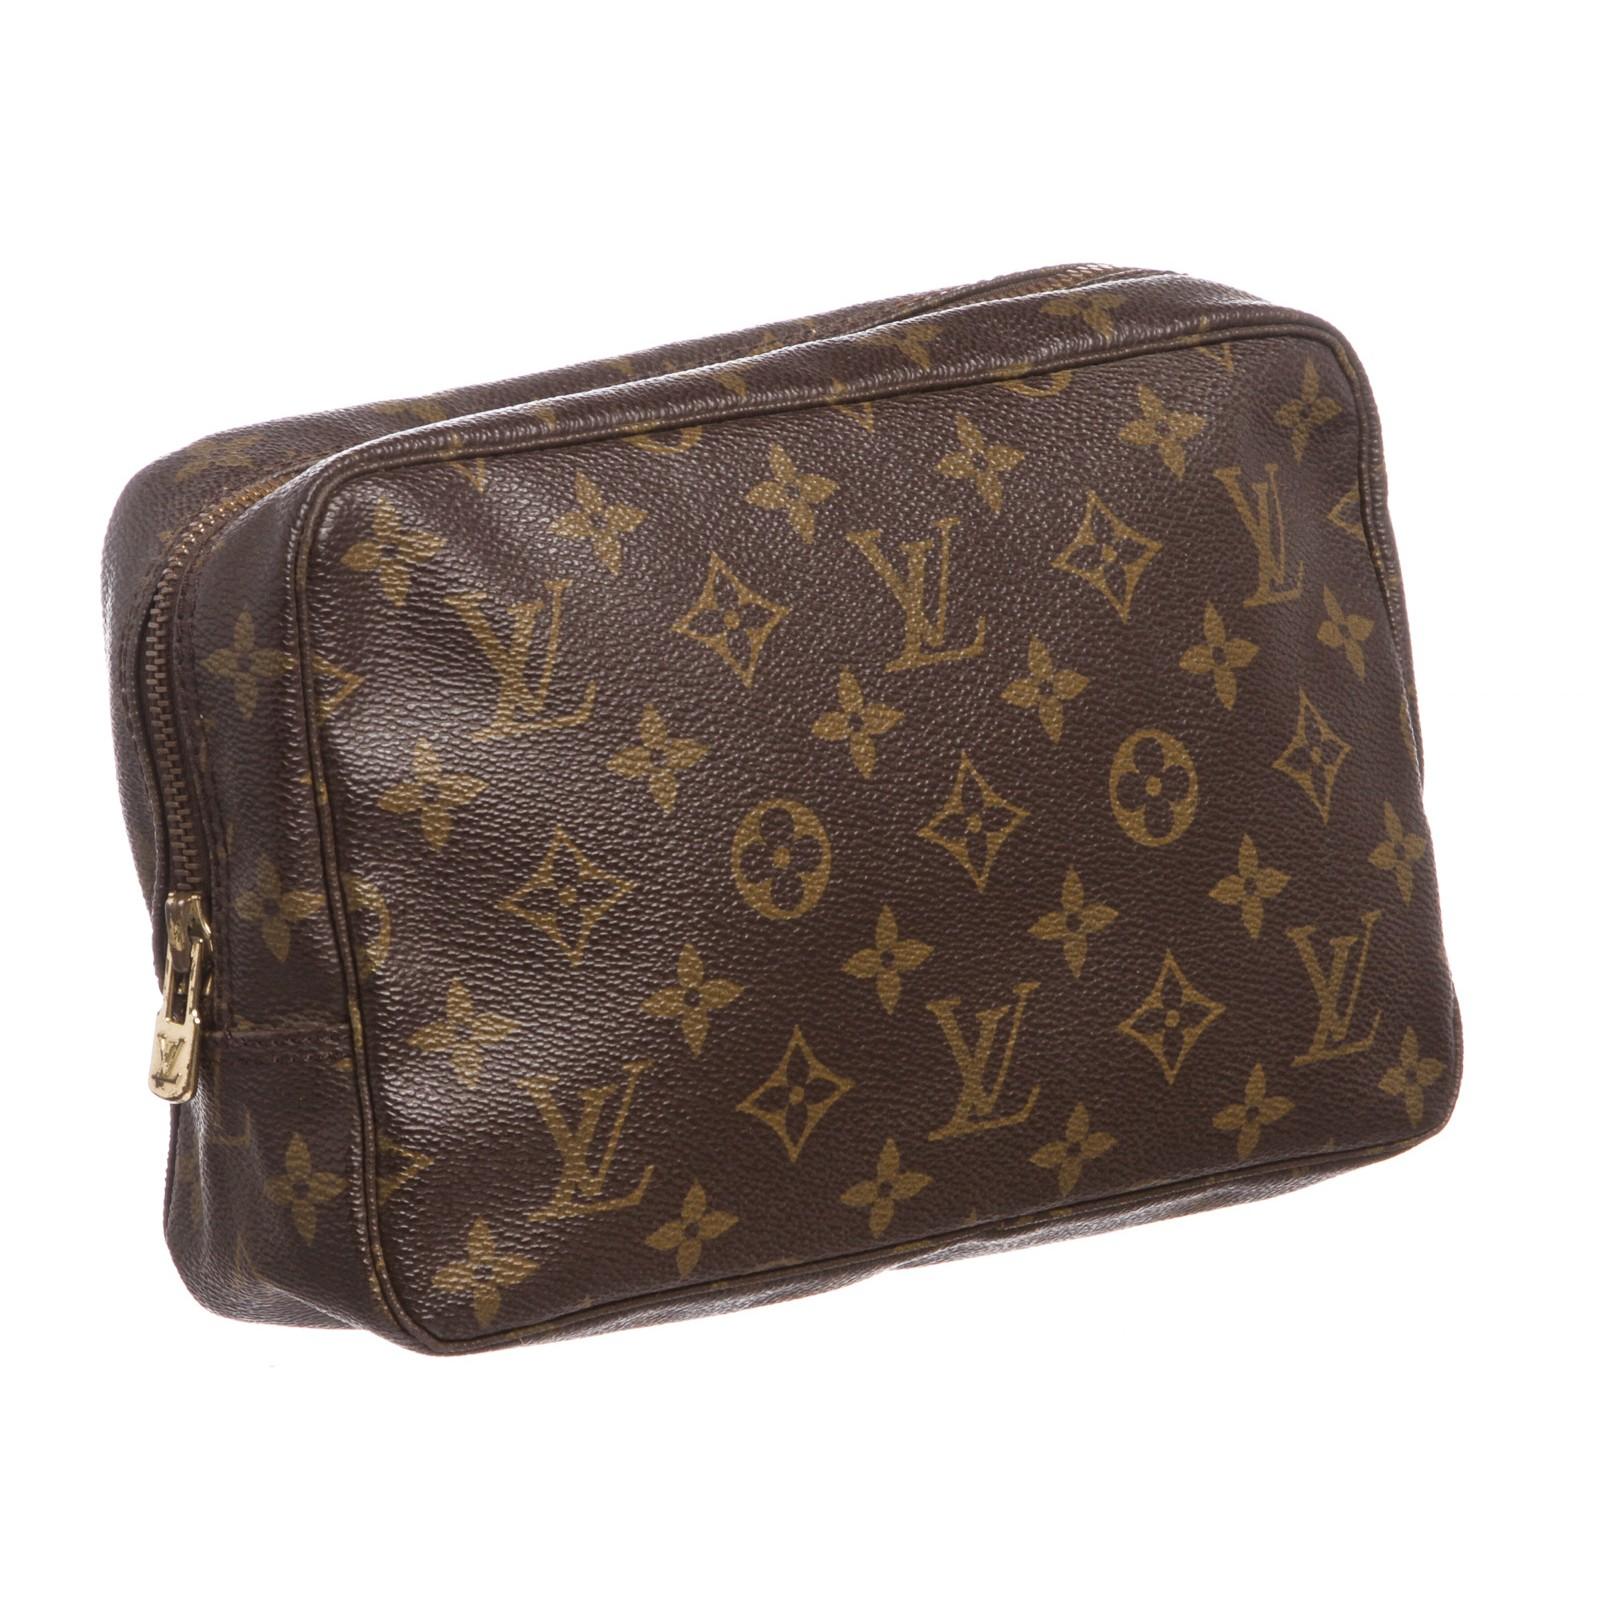 43fe850bdca Louis Vuitton Monogram Canvas Leather Trousse 23 Toiletry MM Pouch